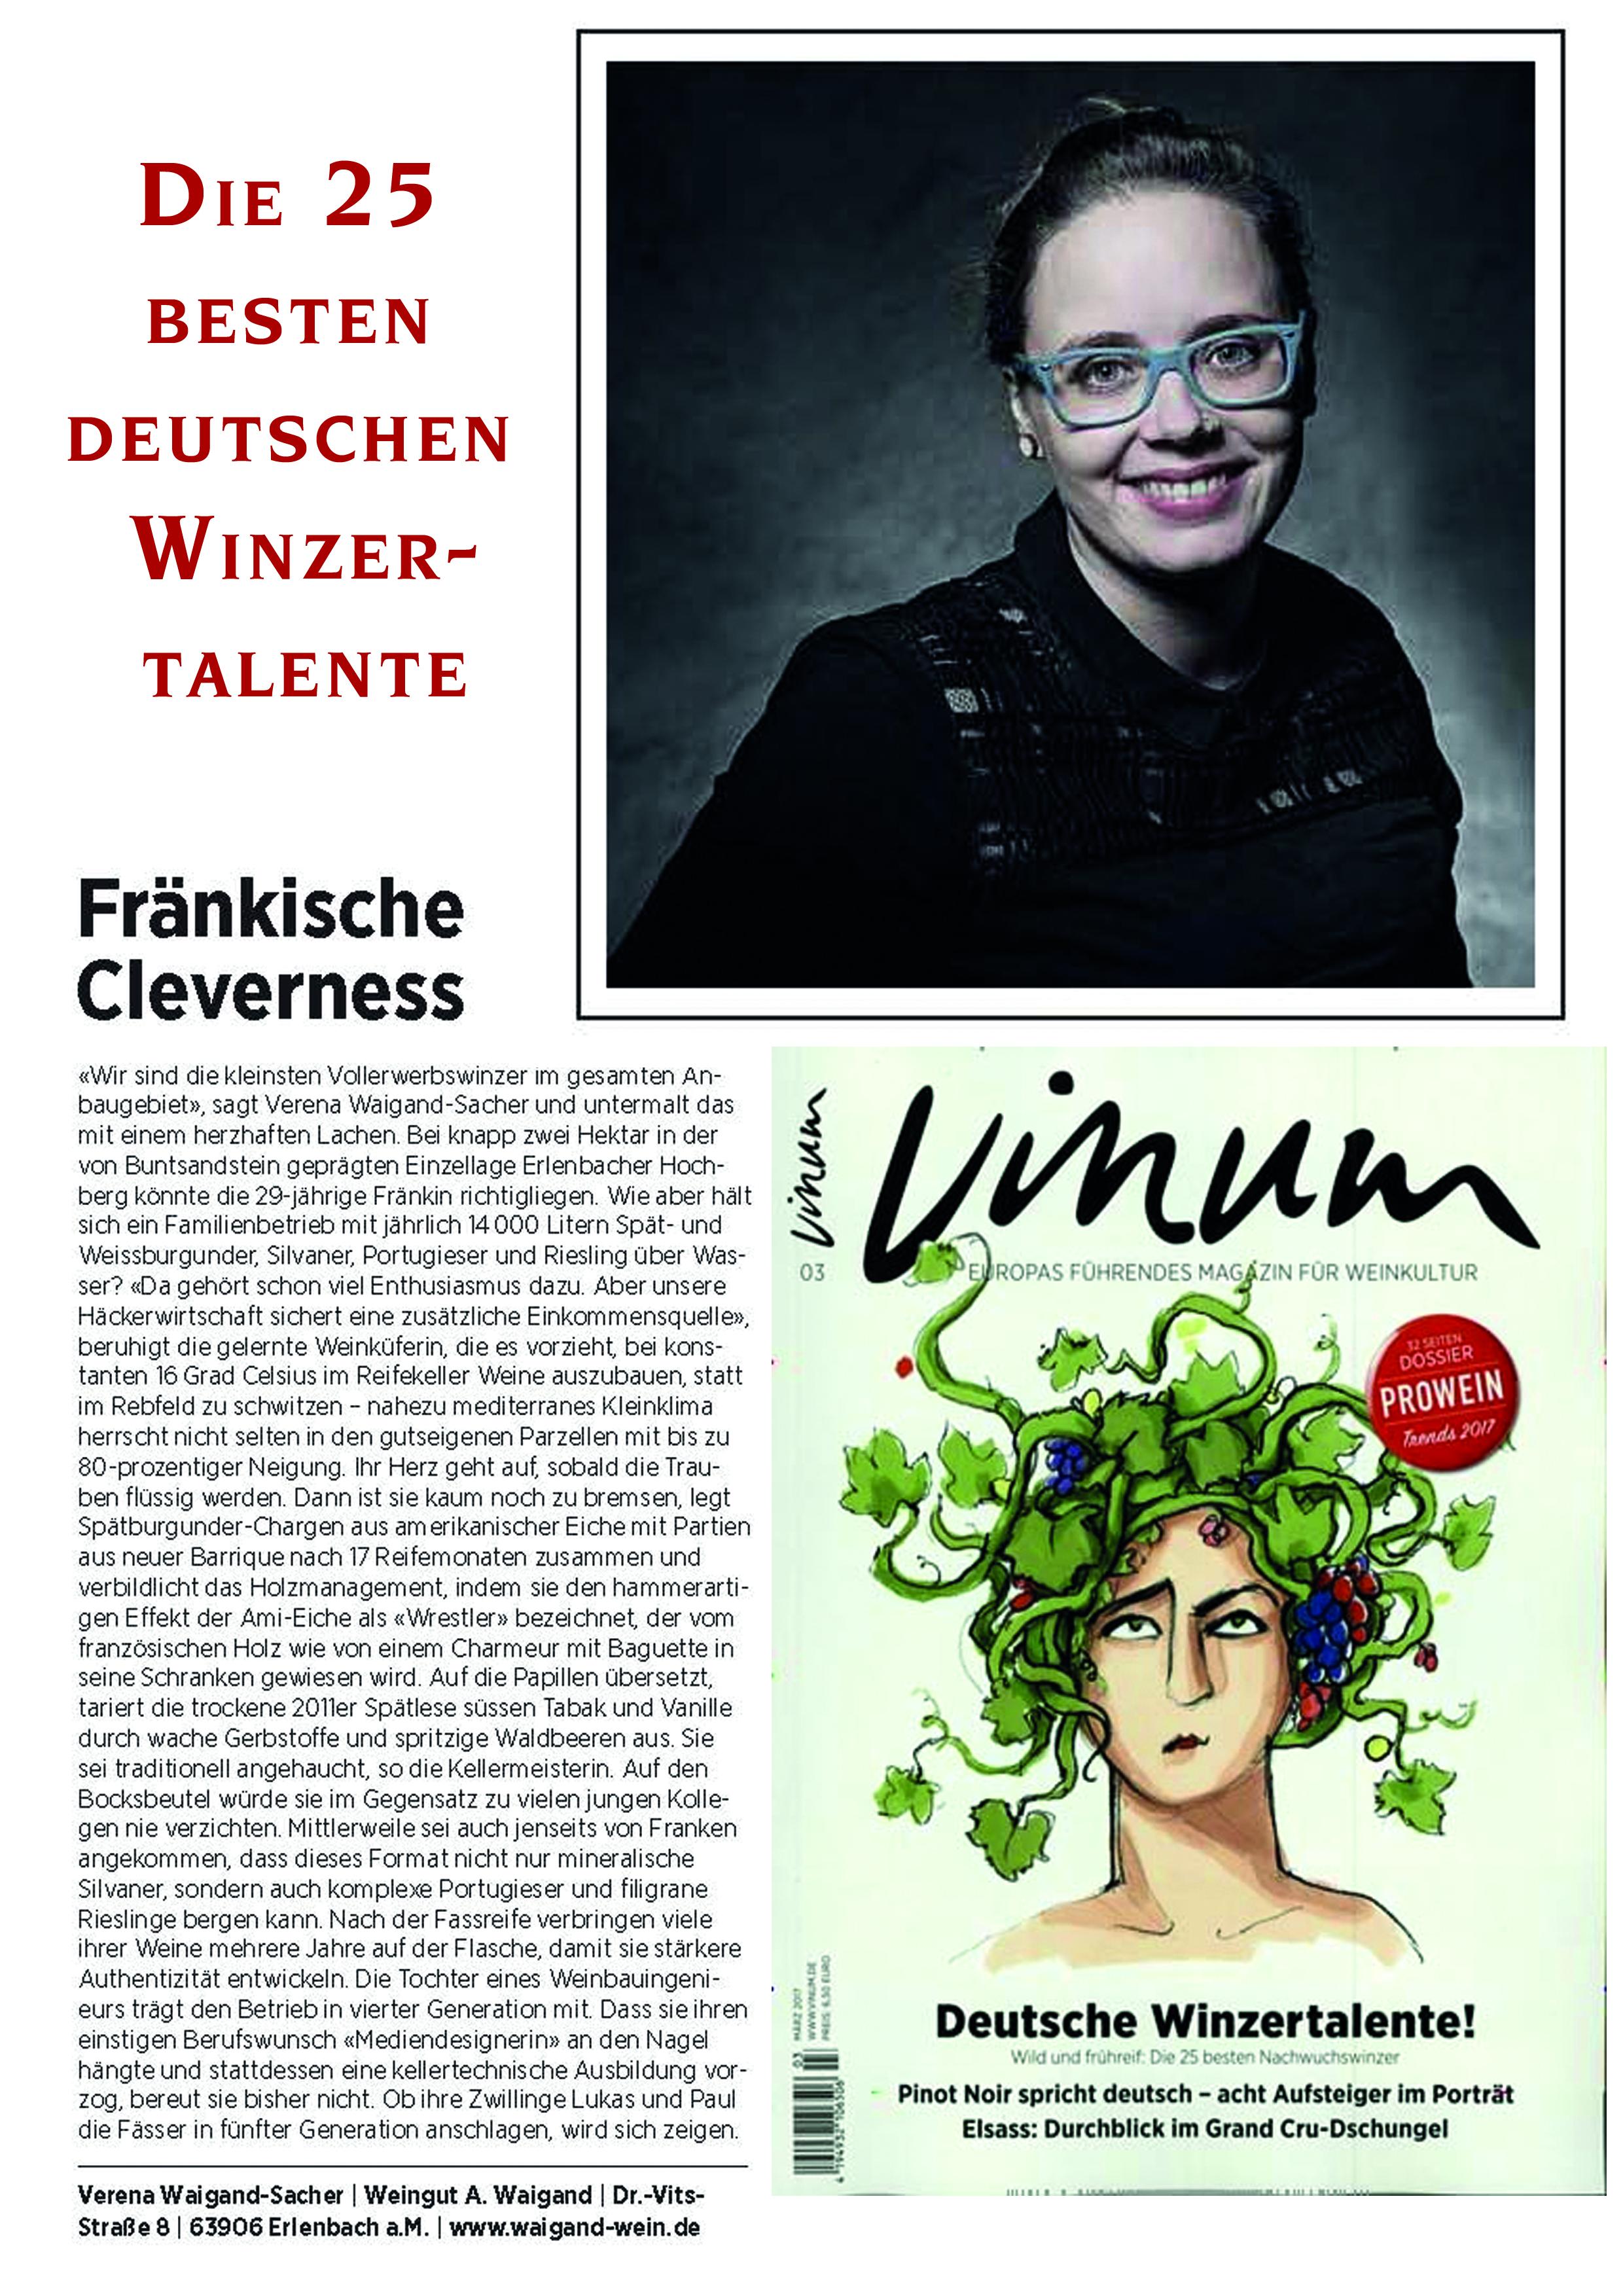 Vinum_3_17 Verena Winzertalent